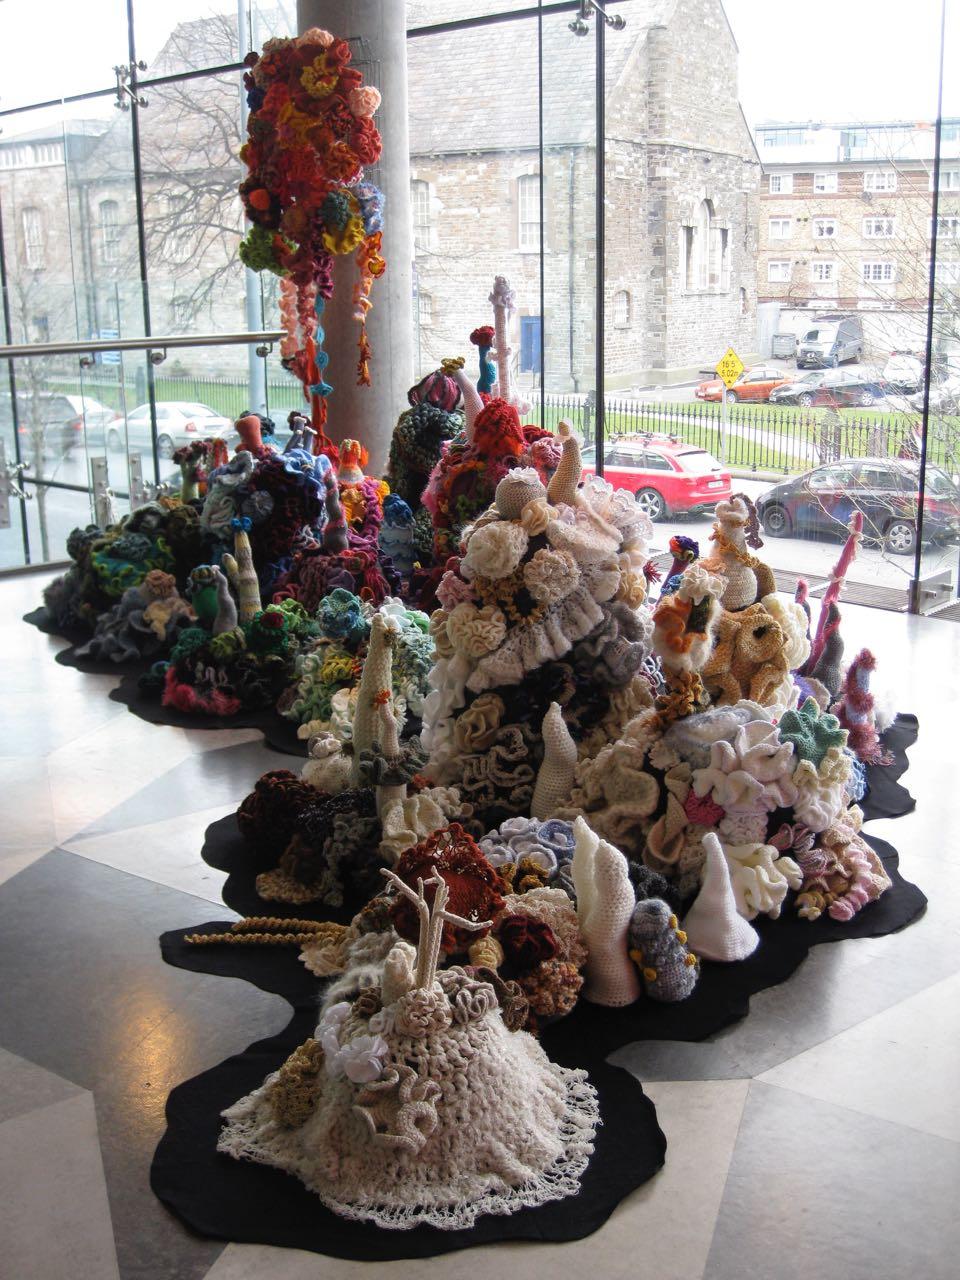 Reef sculptures in gallery